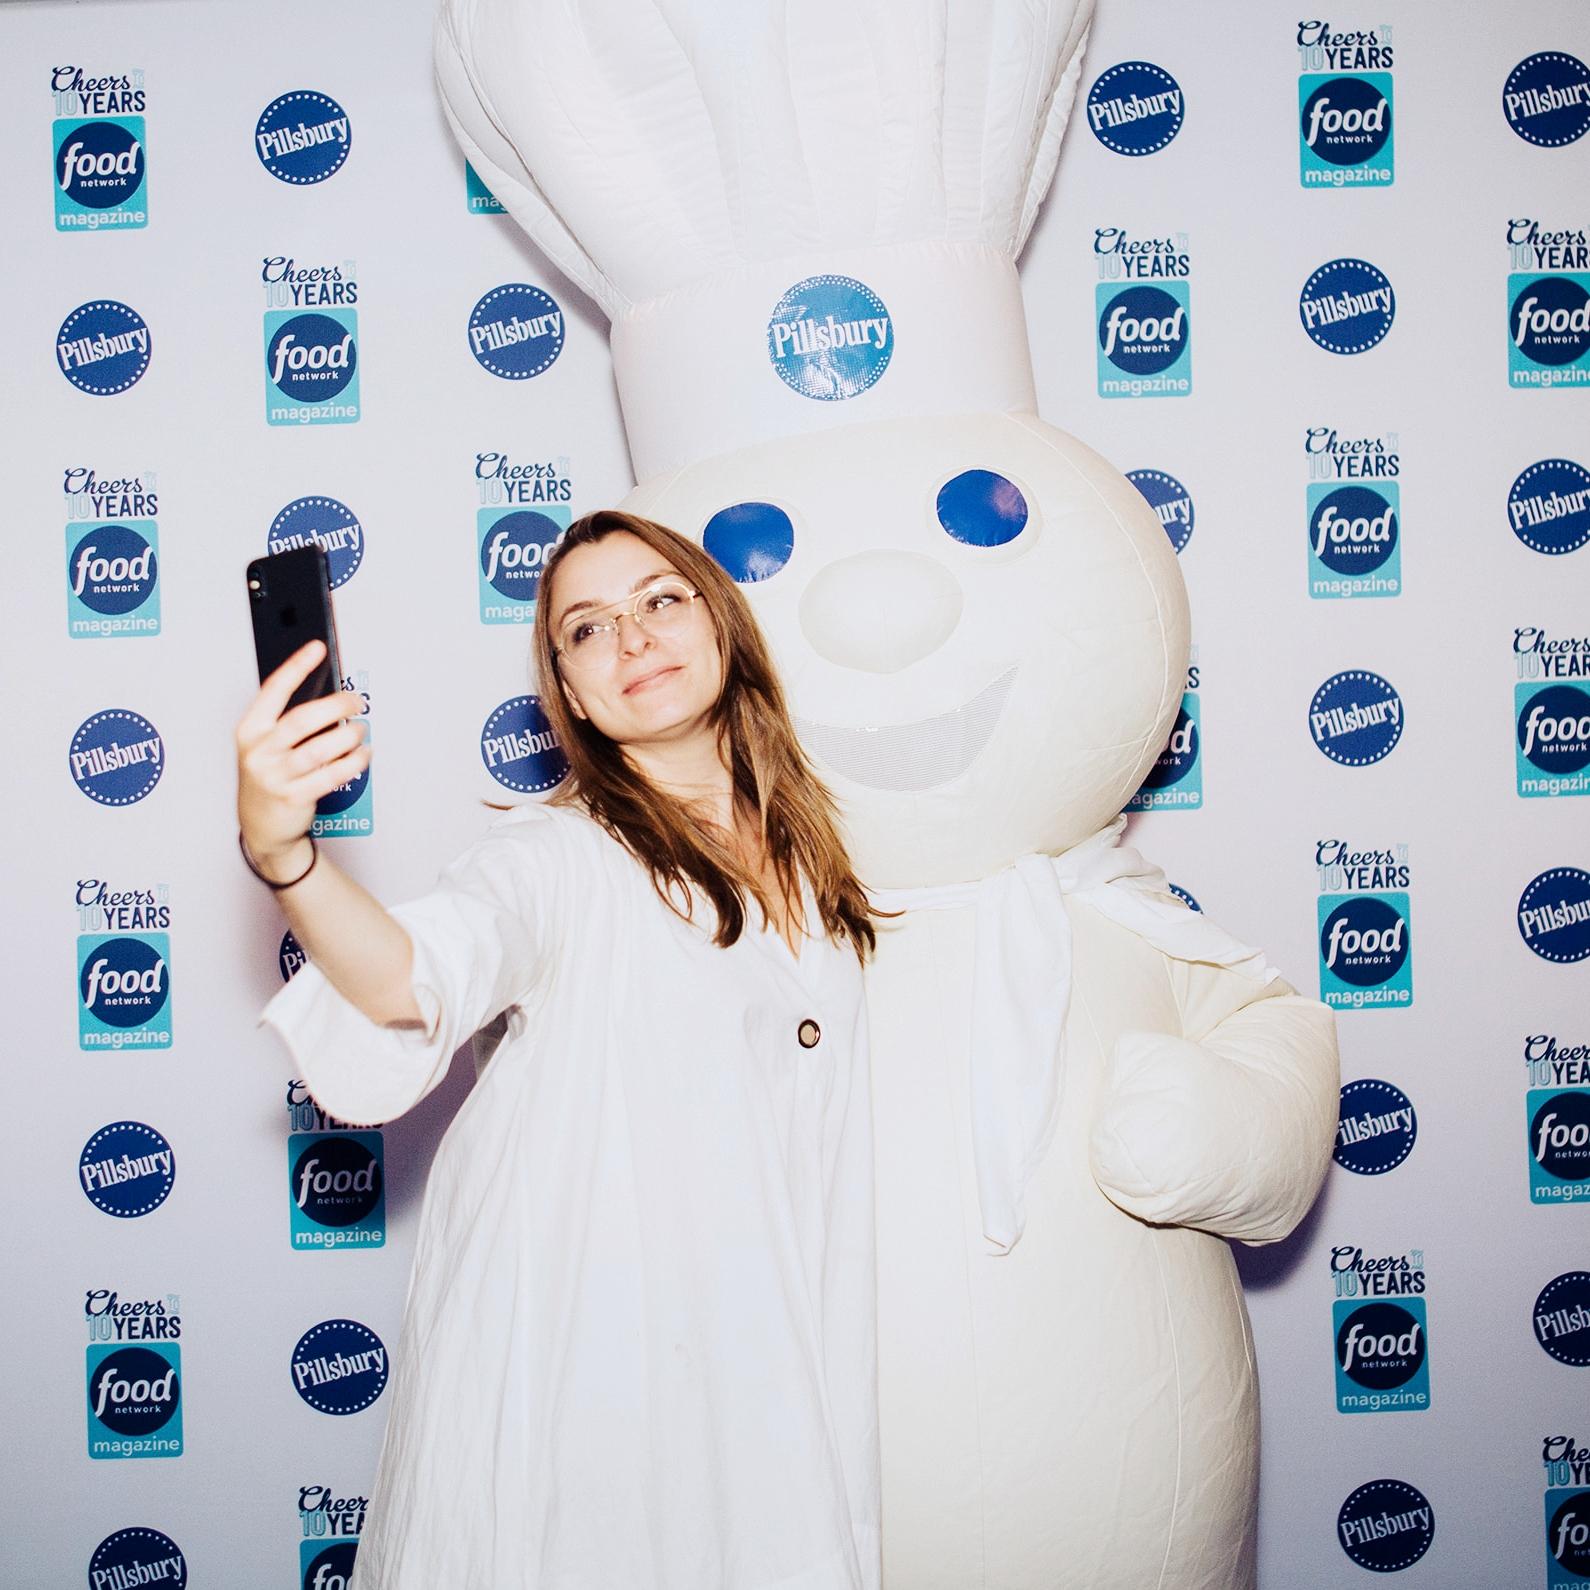 Food-Network-Magazine_party_new-york_rubik-marketing-step-and-repeat-pillsbury-selfie.jpg